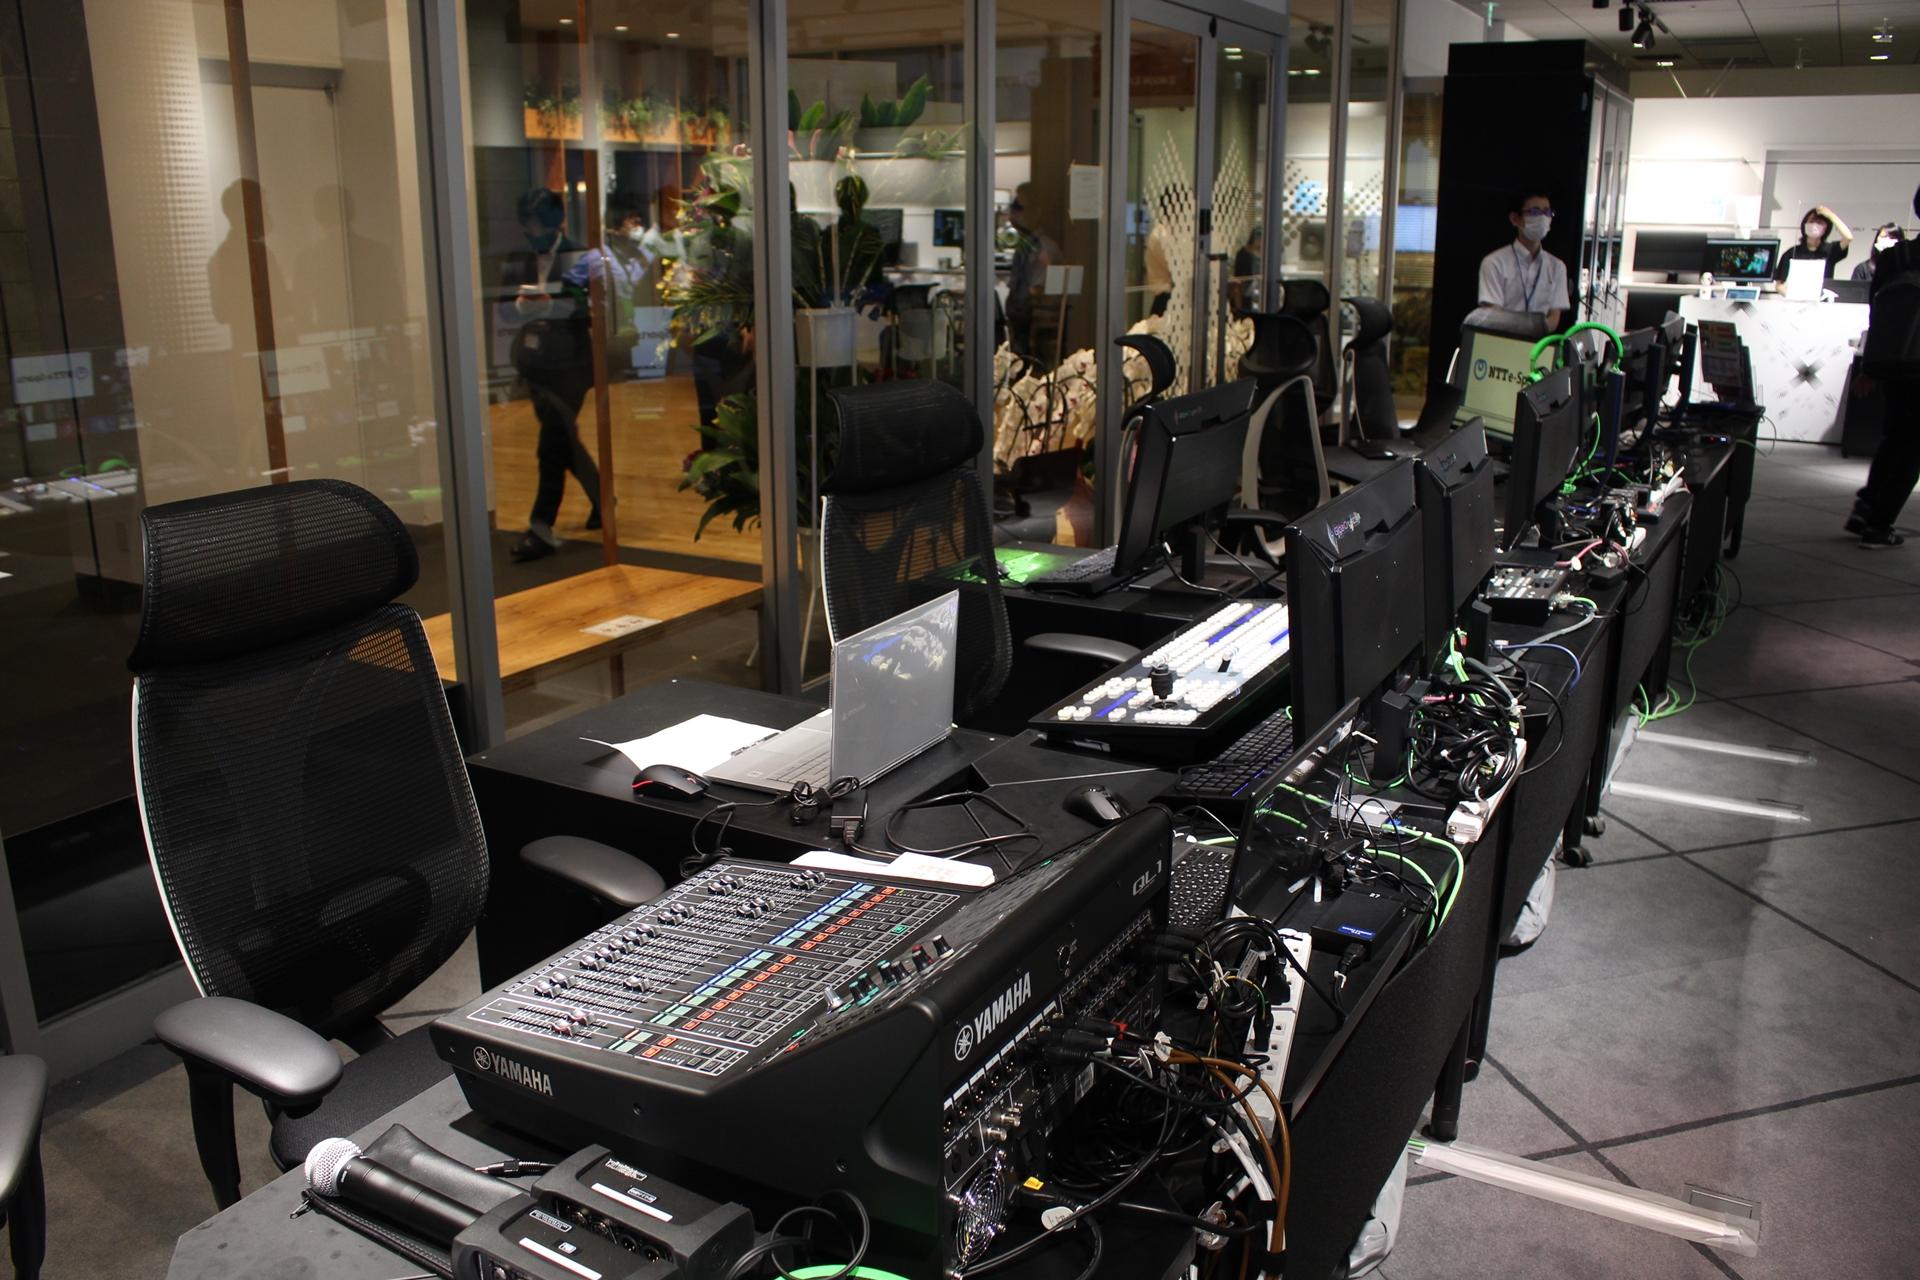 スイッチャー、音響、照明、映像などの機材が並んでいる